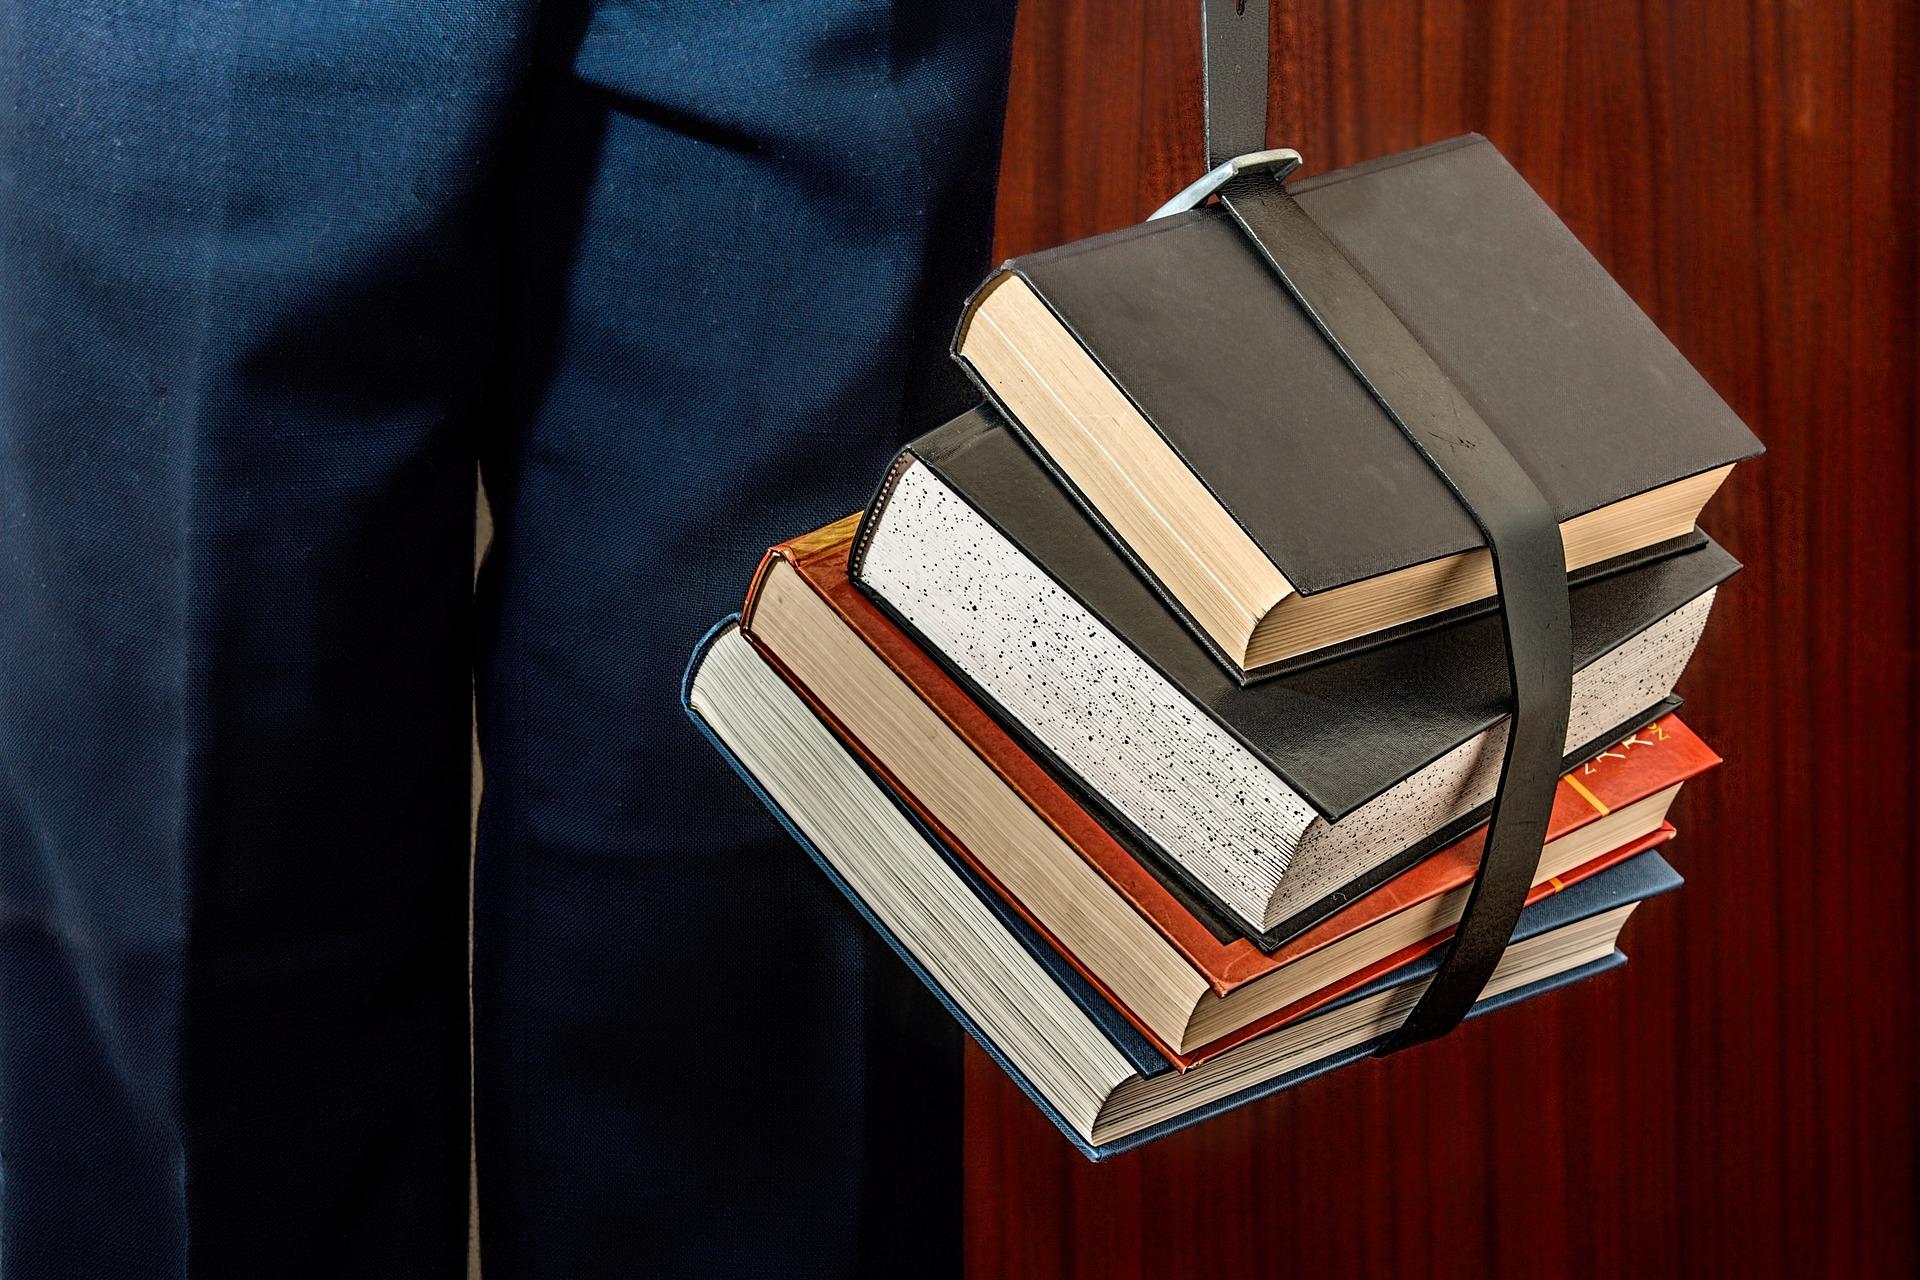 OE2019: Ministro do Ensino Superior reitera que regularização de precários é para cumprir